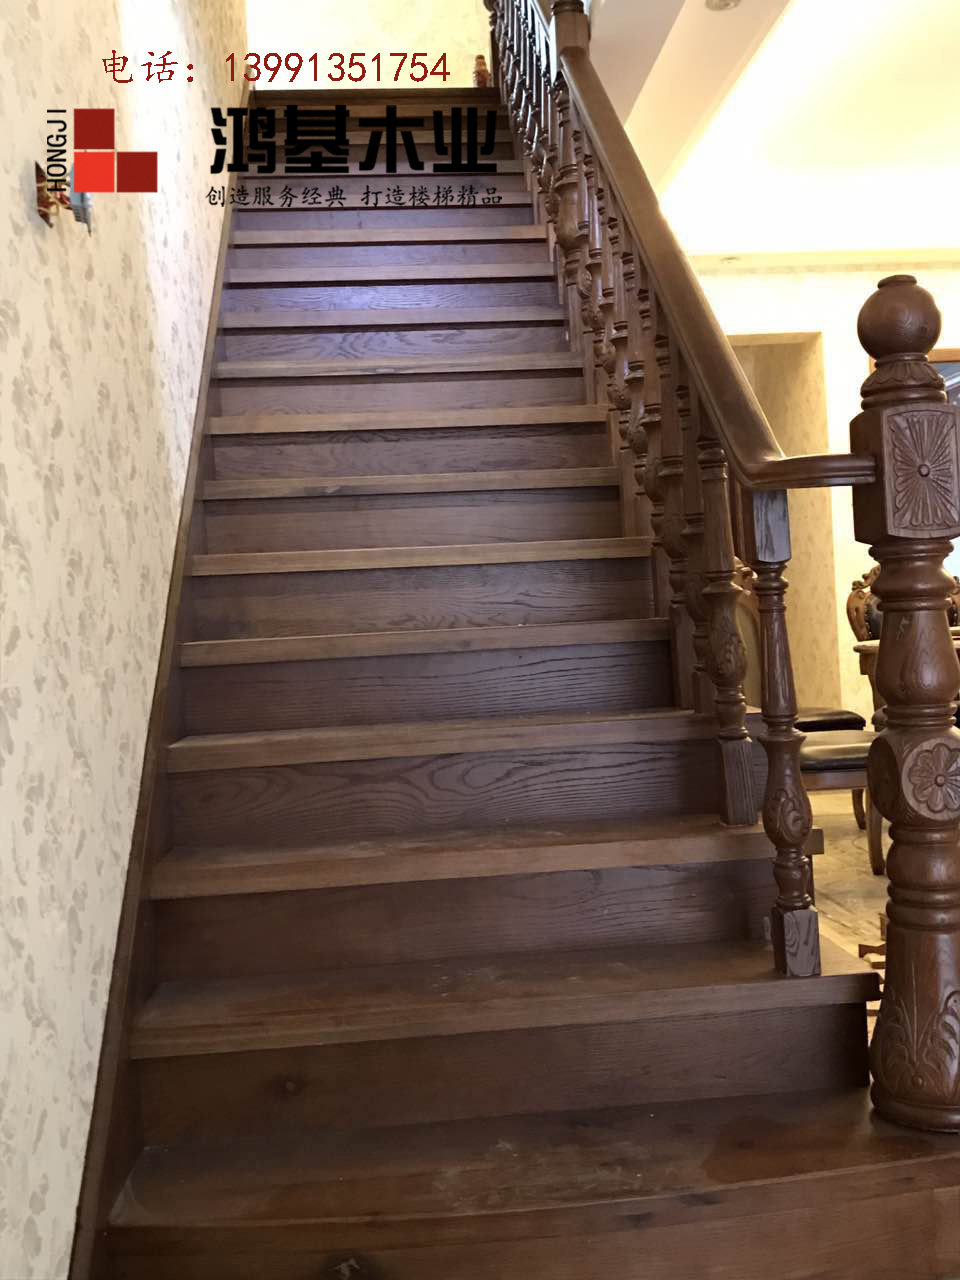 (西安市厂家直销实木楼梯)美国红橡木定制实木楼梯-鸿基楼梯